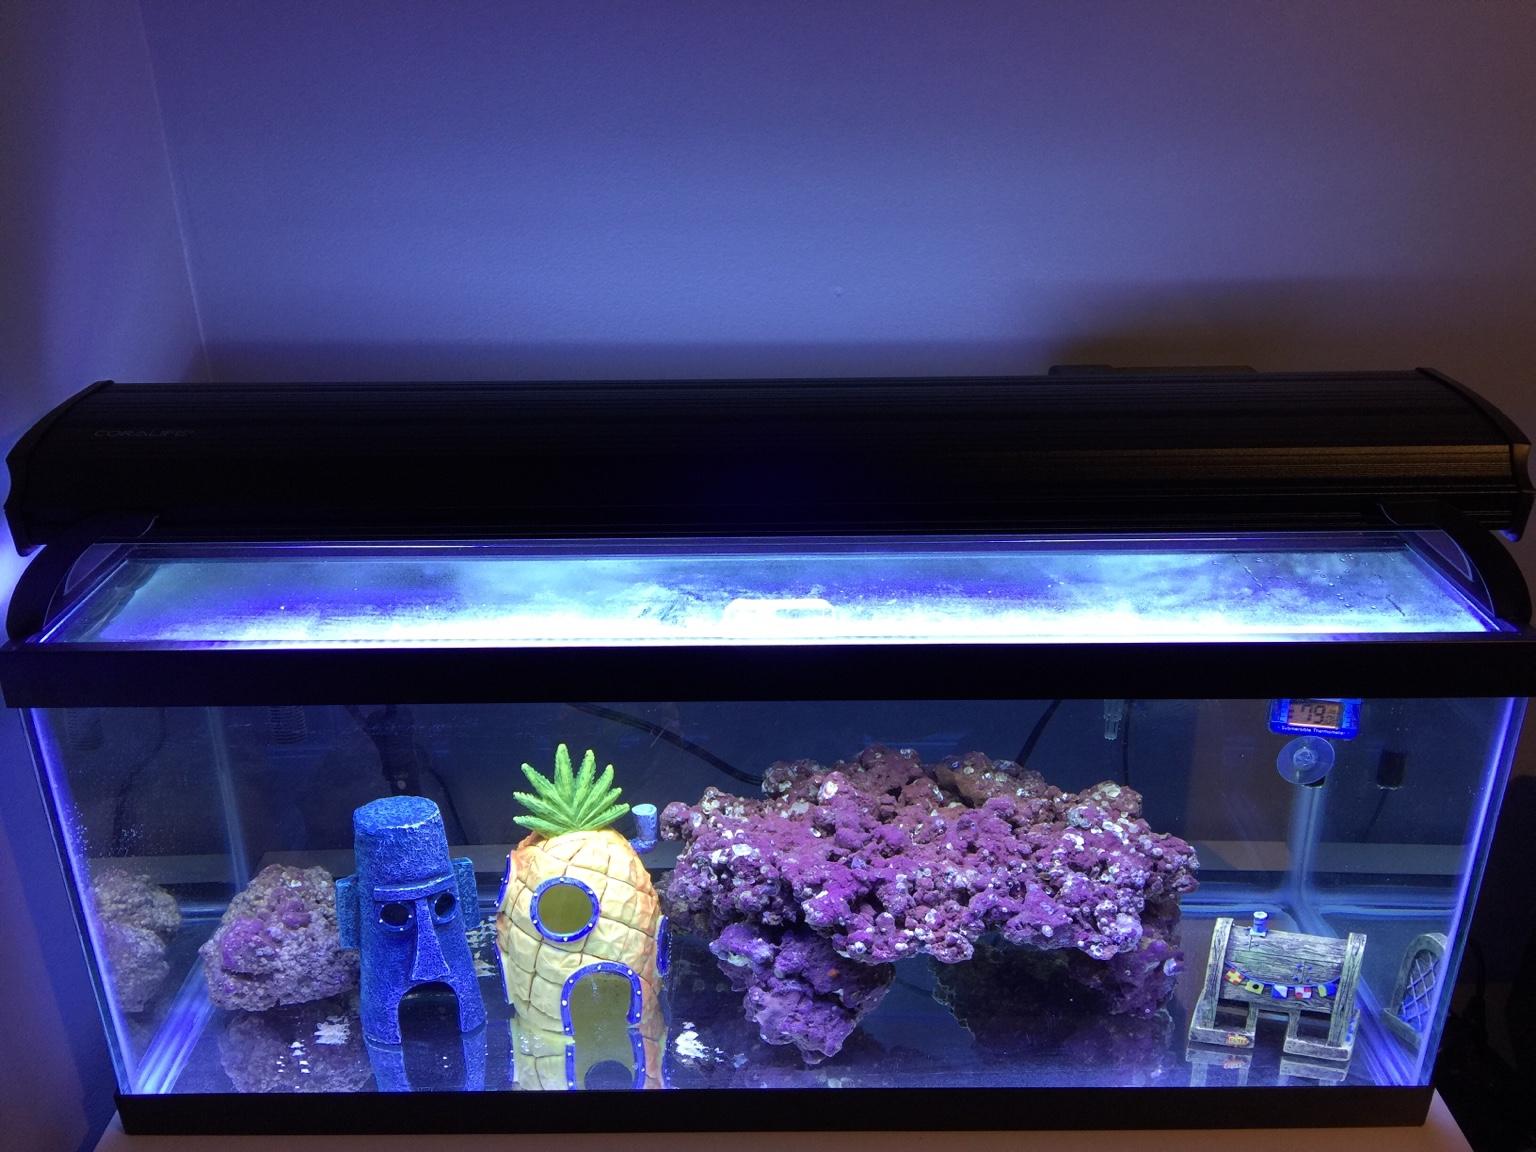 Aquatronica Aquarium Automation System Aquascape Cheap Sales 50% Fish & Aquariums